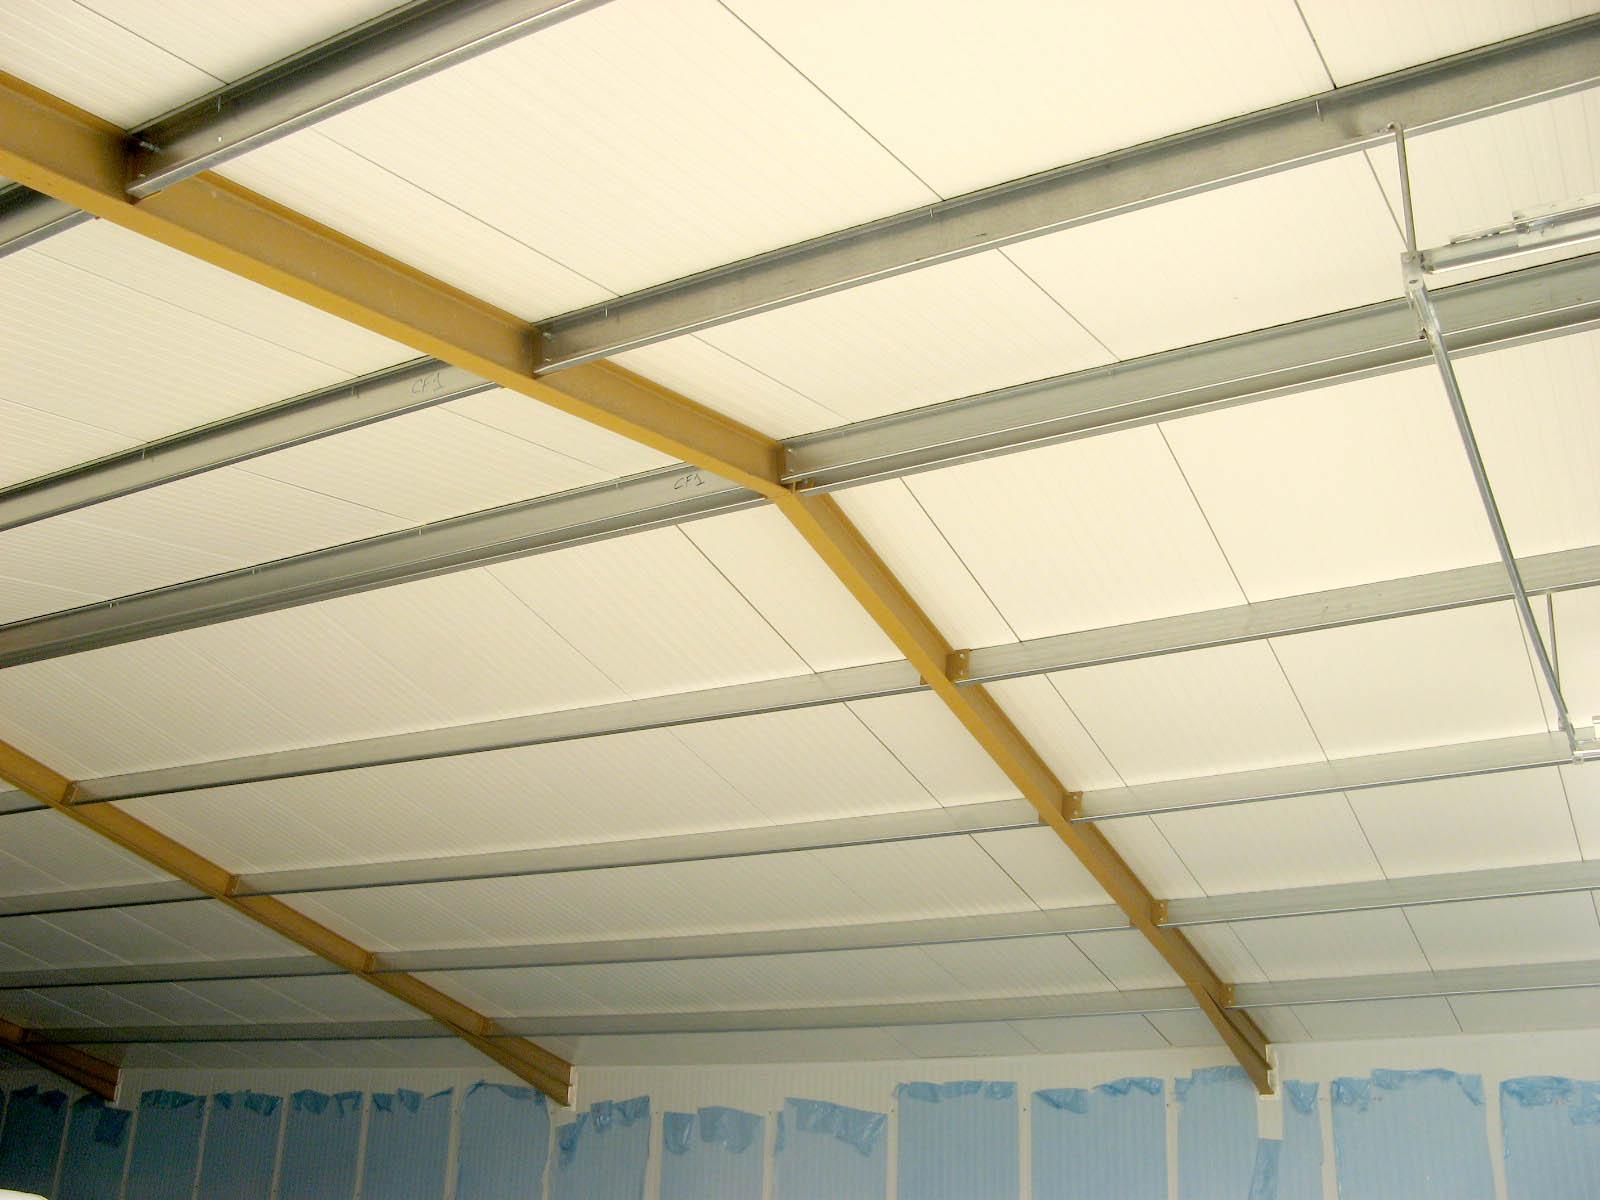 Granja avicola desde 42 m2 de nave grajas avicolas naves avicolas - Hacer falso techo ...